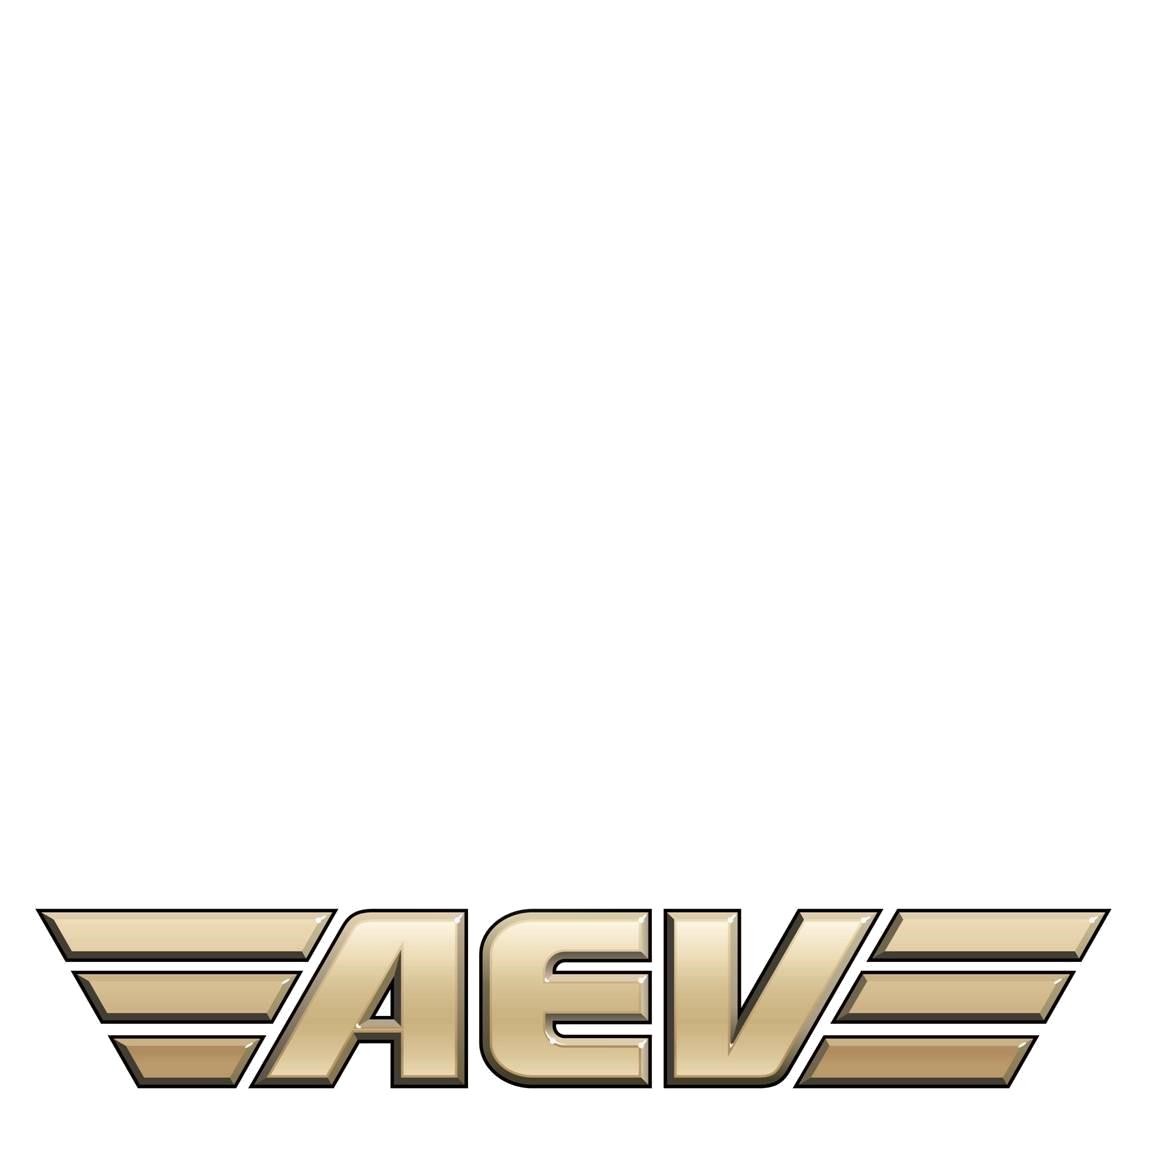 AEV — rsvp